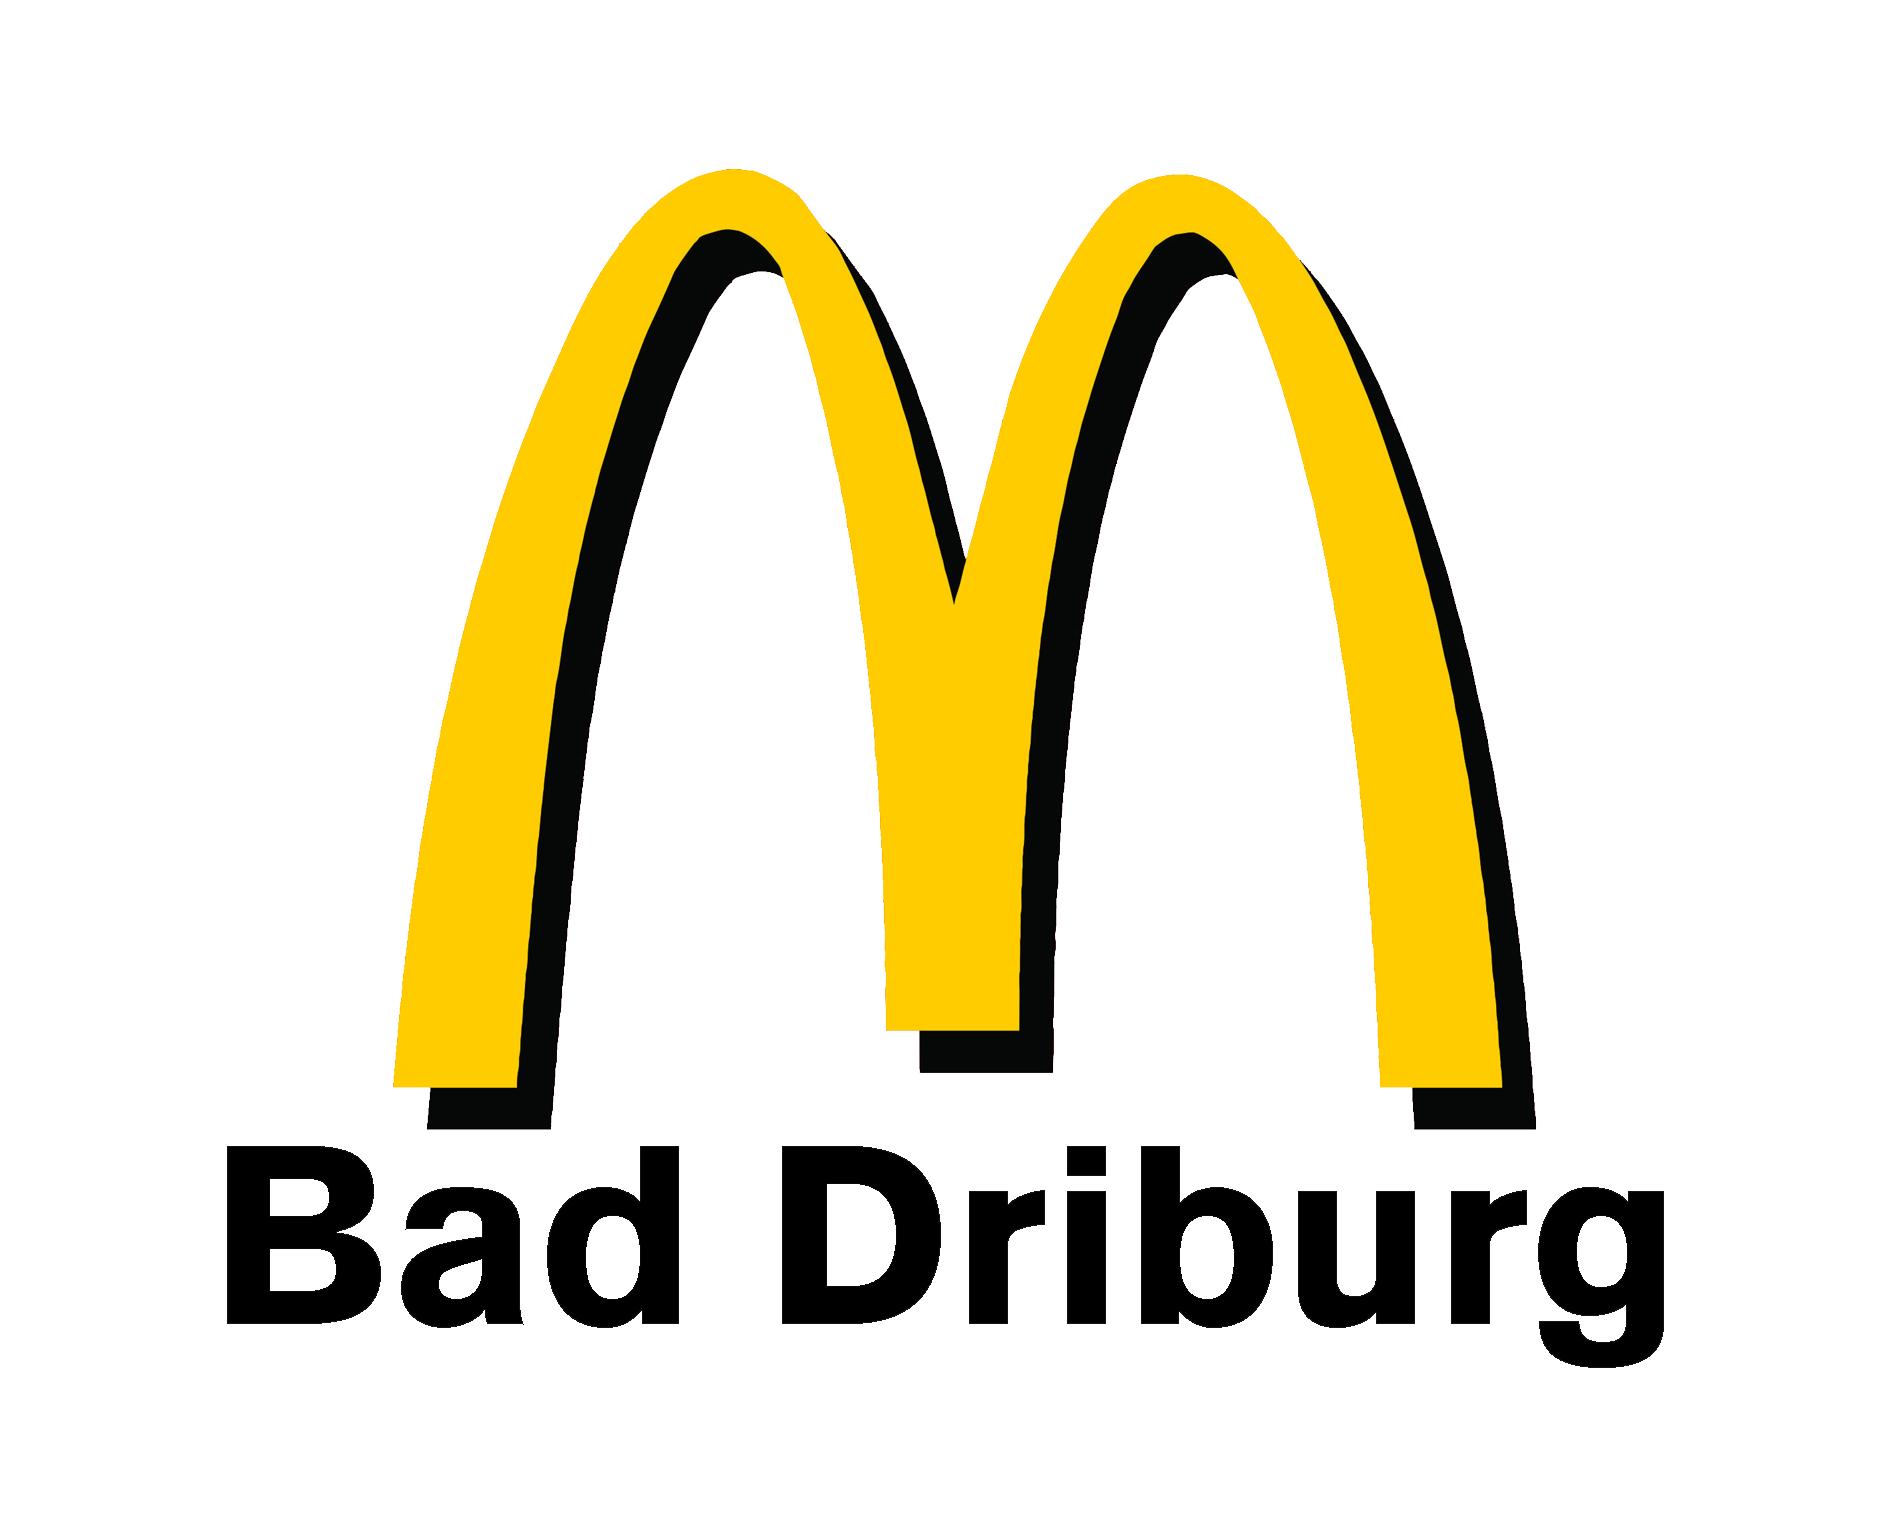 McD_Bad_Driburg